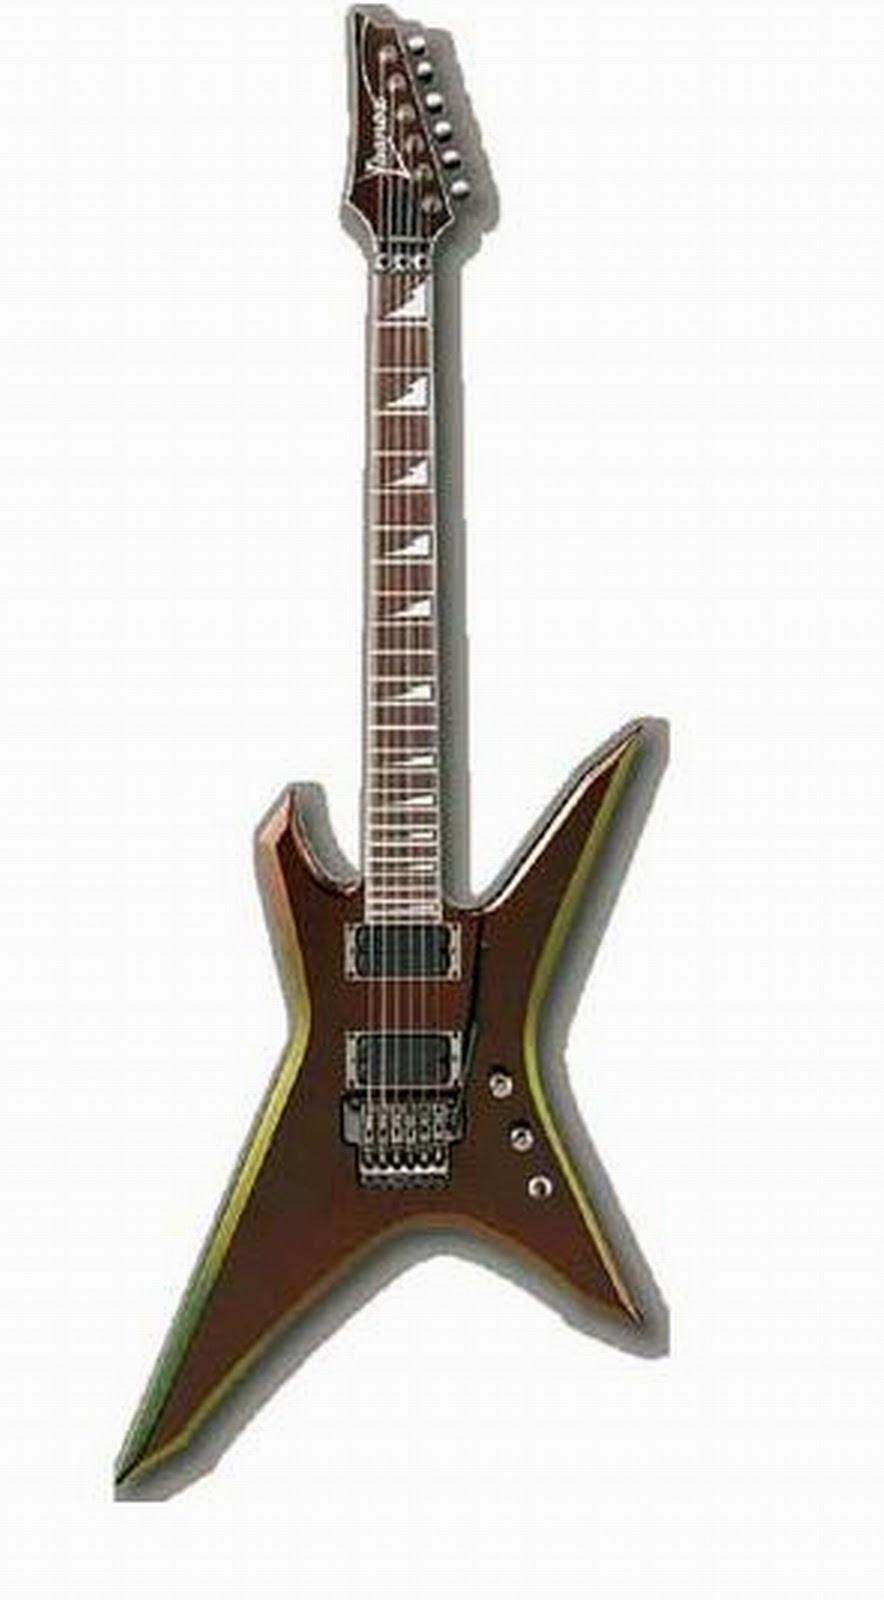 Guitar Ibanez Xpt700 Rcm Guitarist